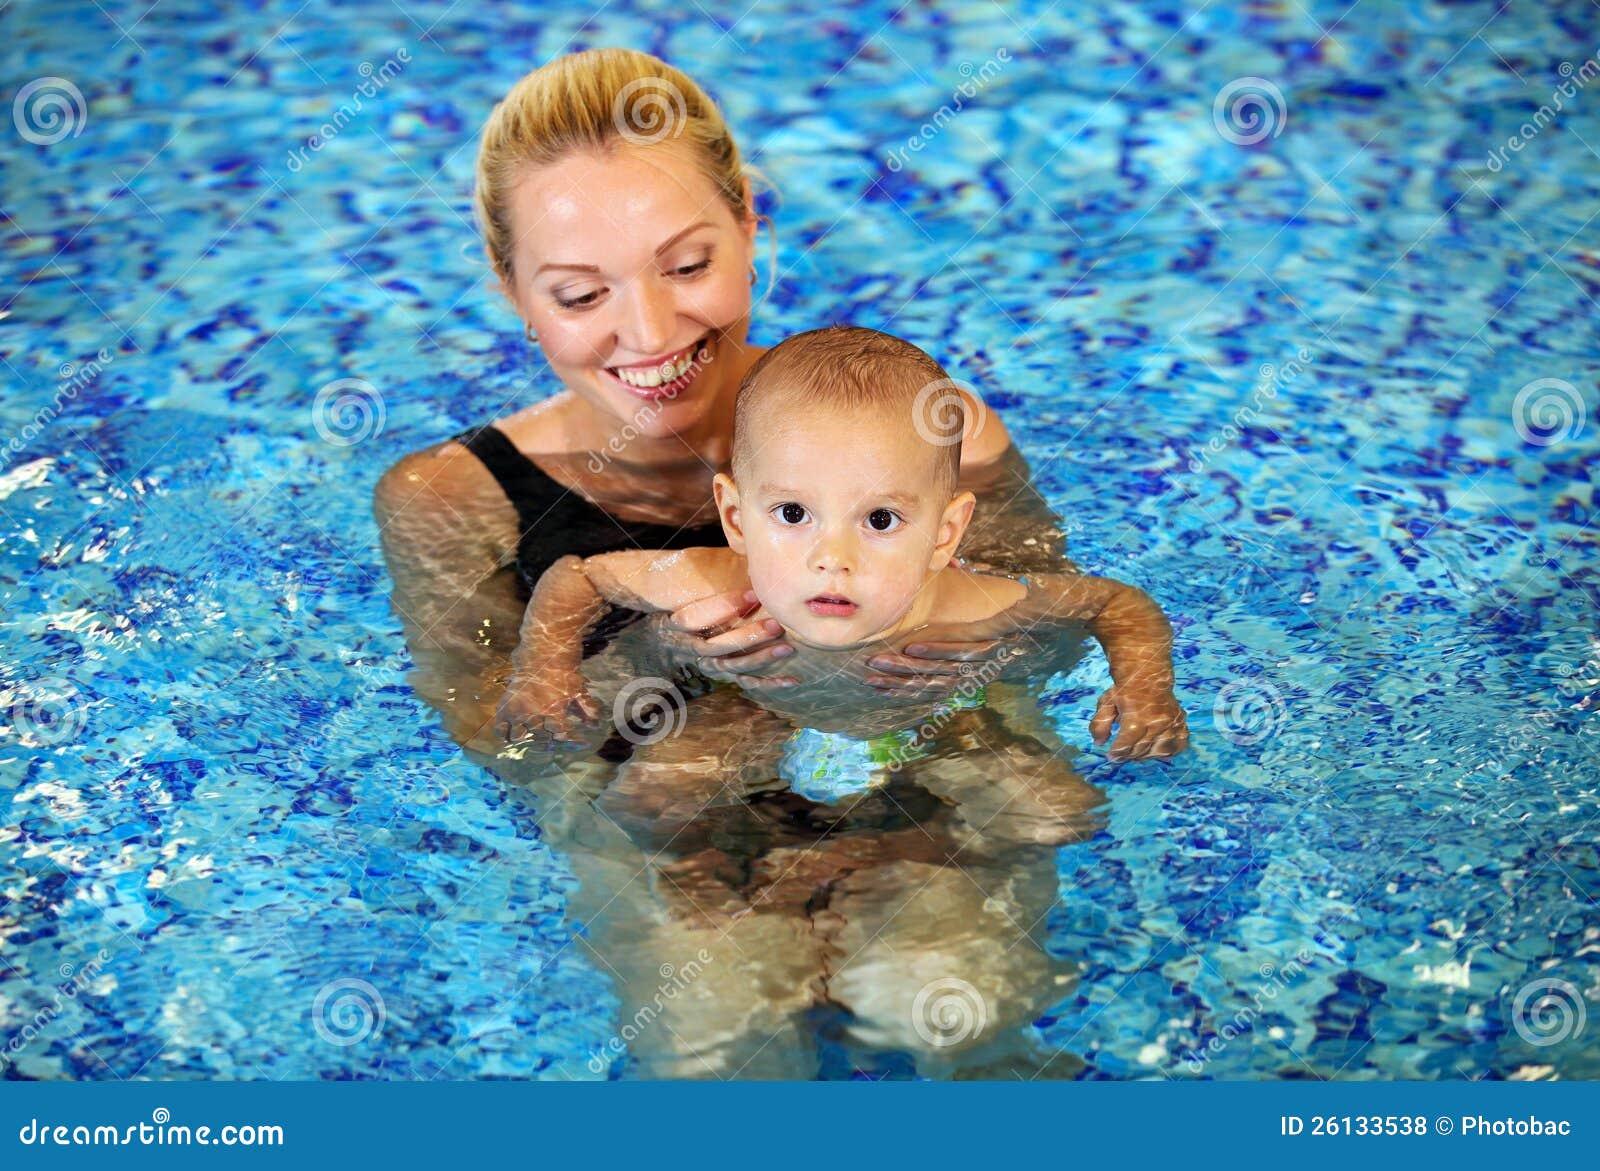 Сын купается с мамой 1 фотография